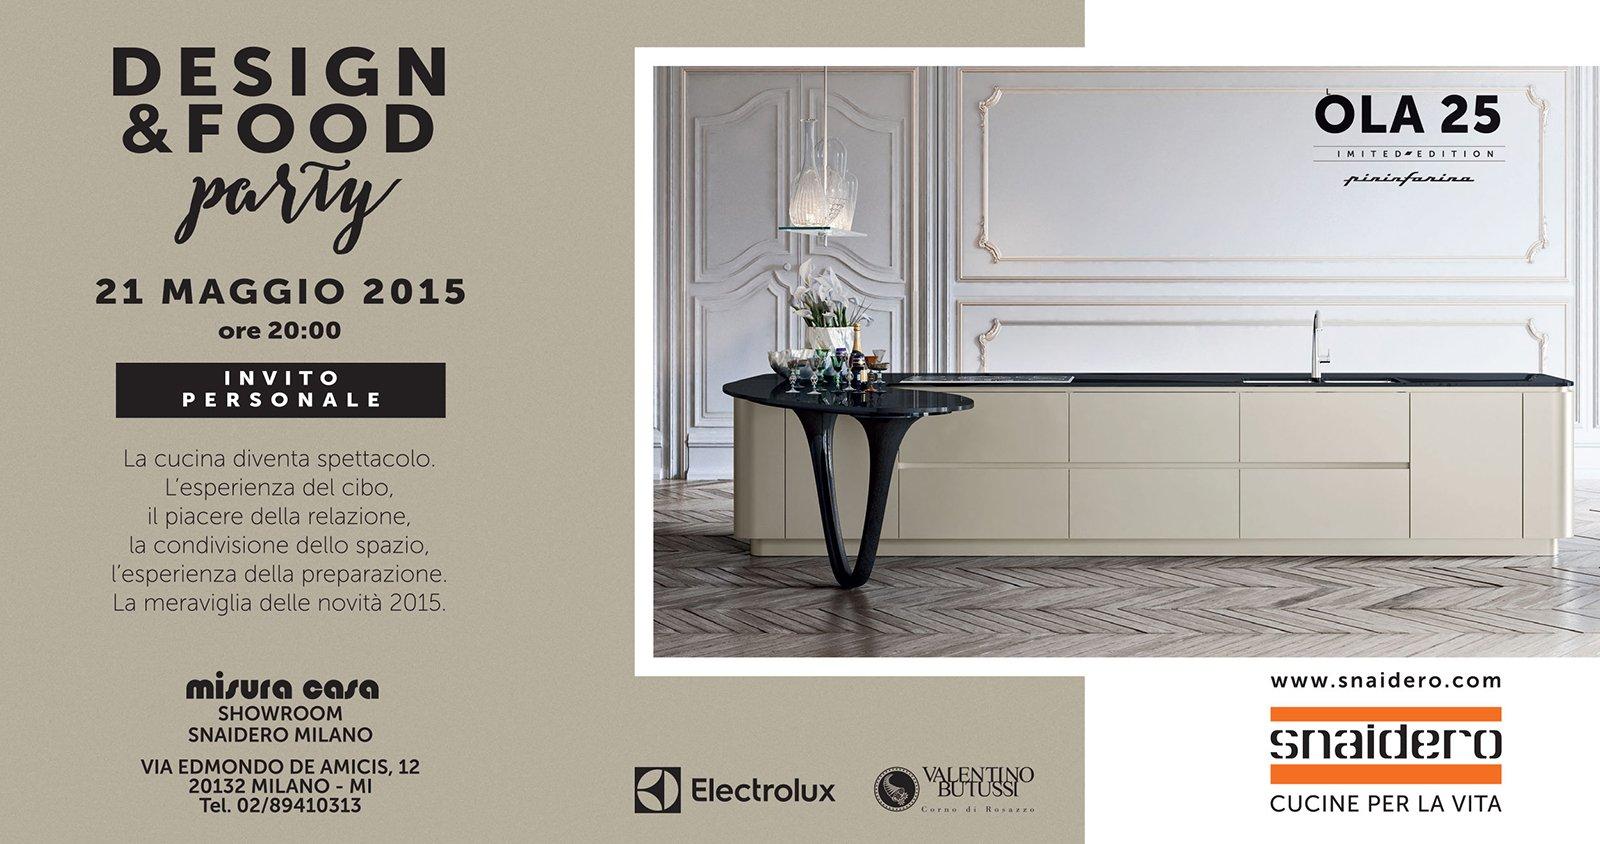 Disegno cucina moderna giugno 2015 : Cucine in mostra al Party Design&Food di Snaidero - Cose di Casa